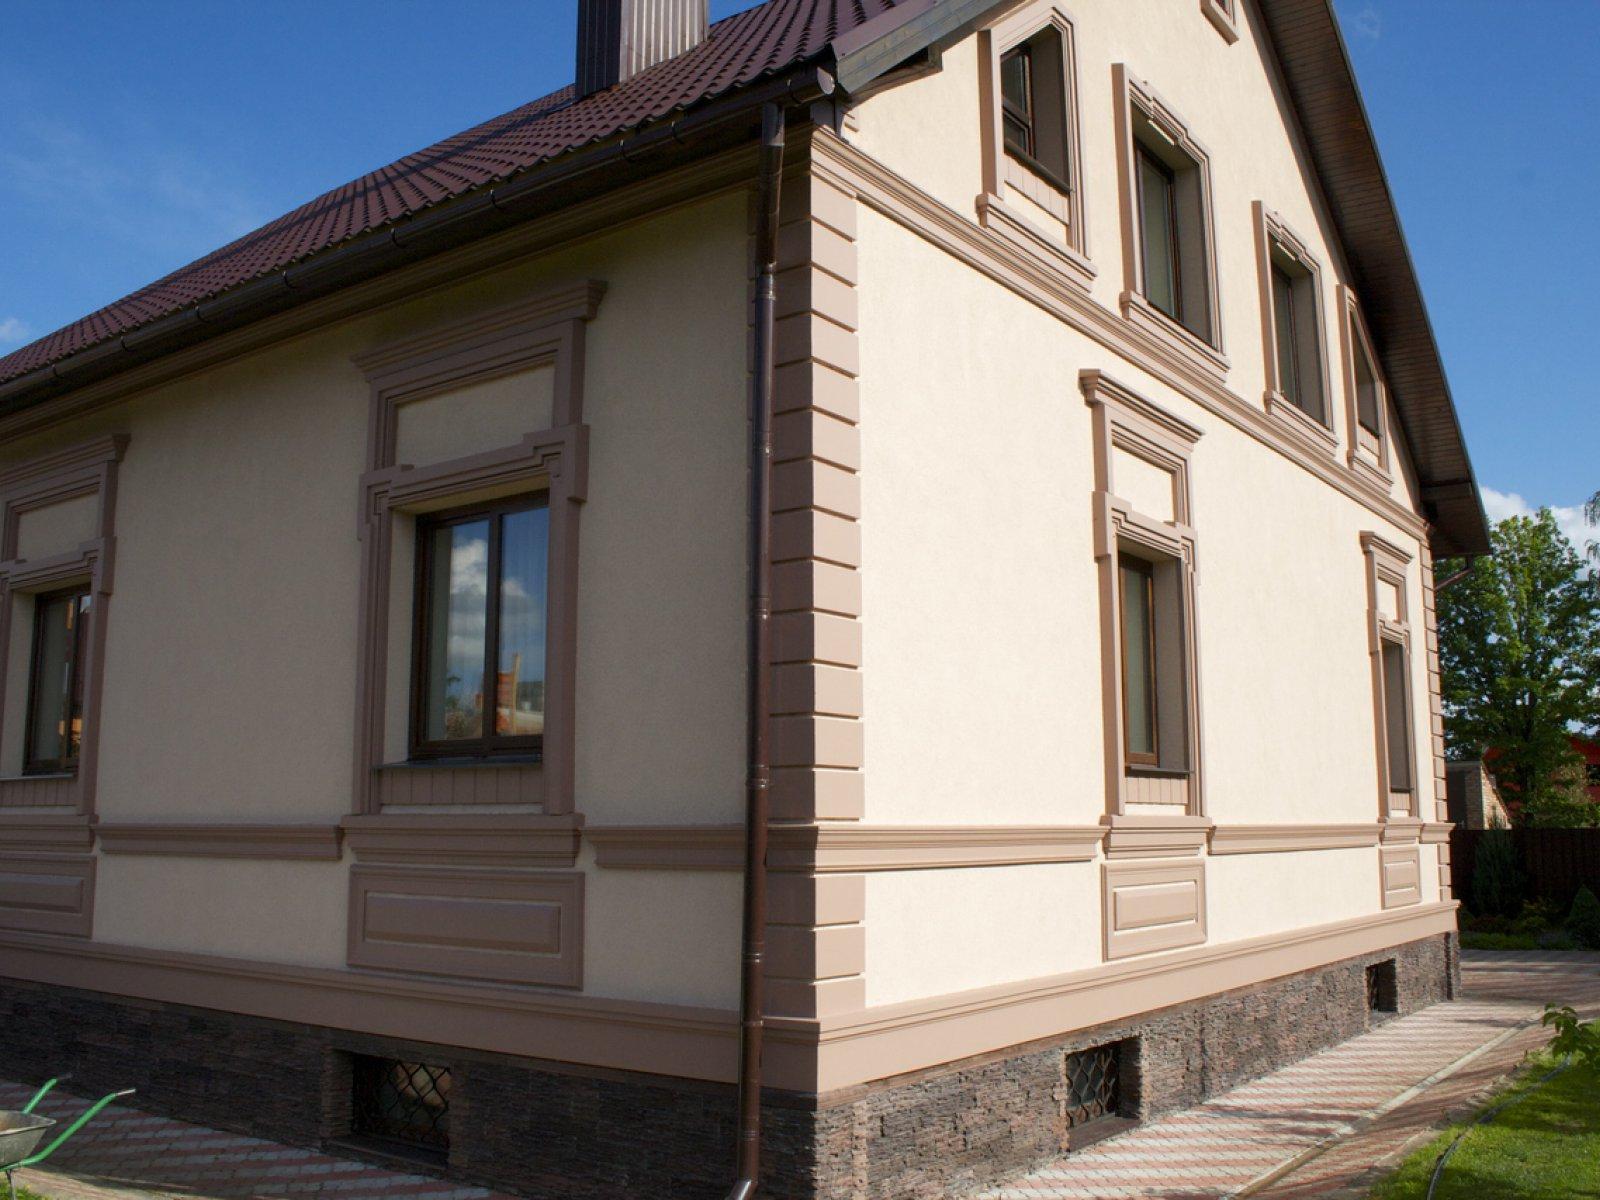 Фото отделка фасада 2